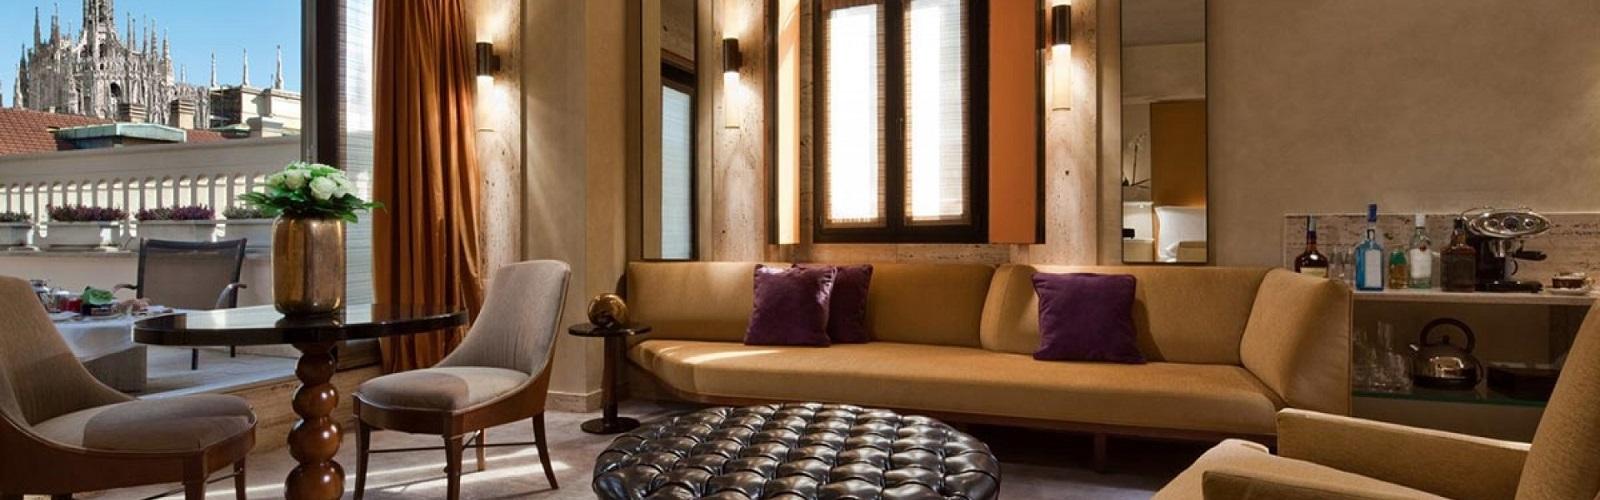 2.f1-hotels-italy